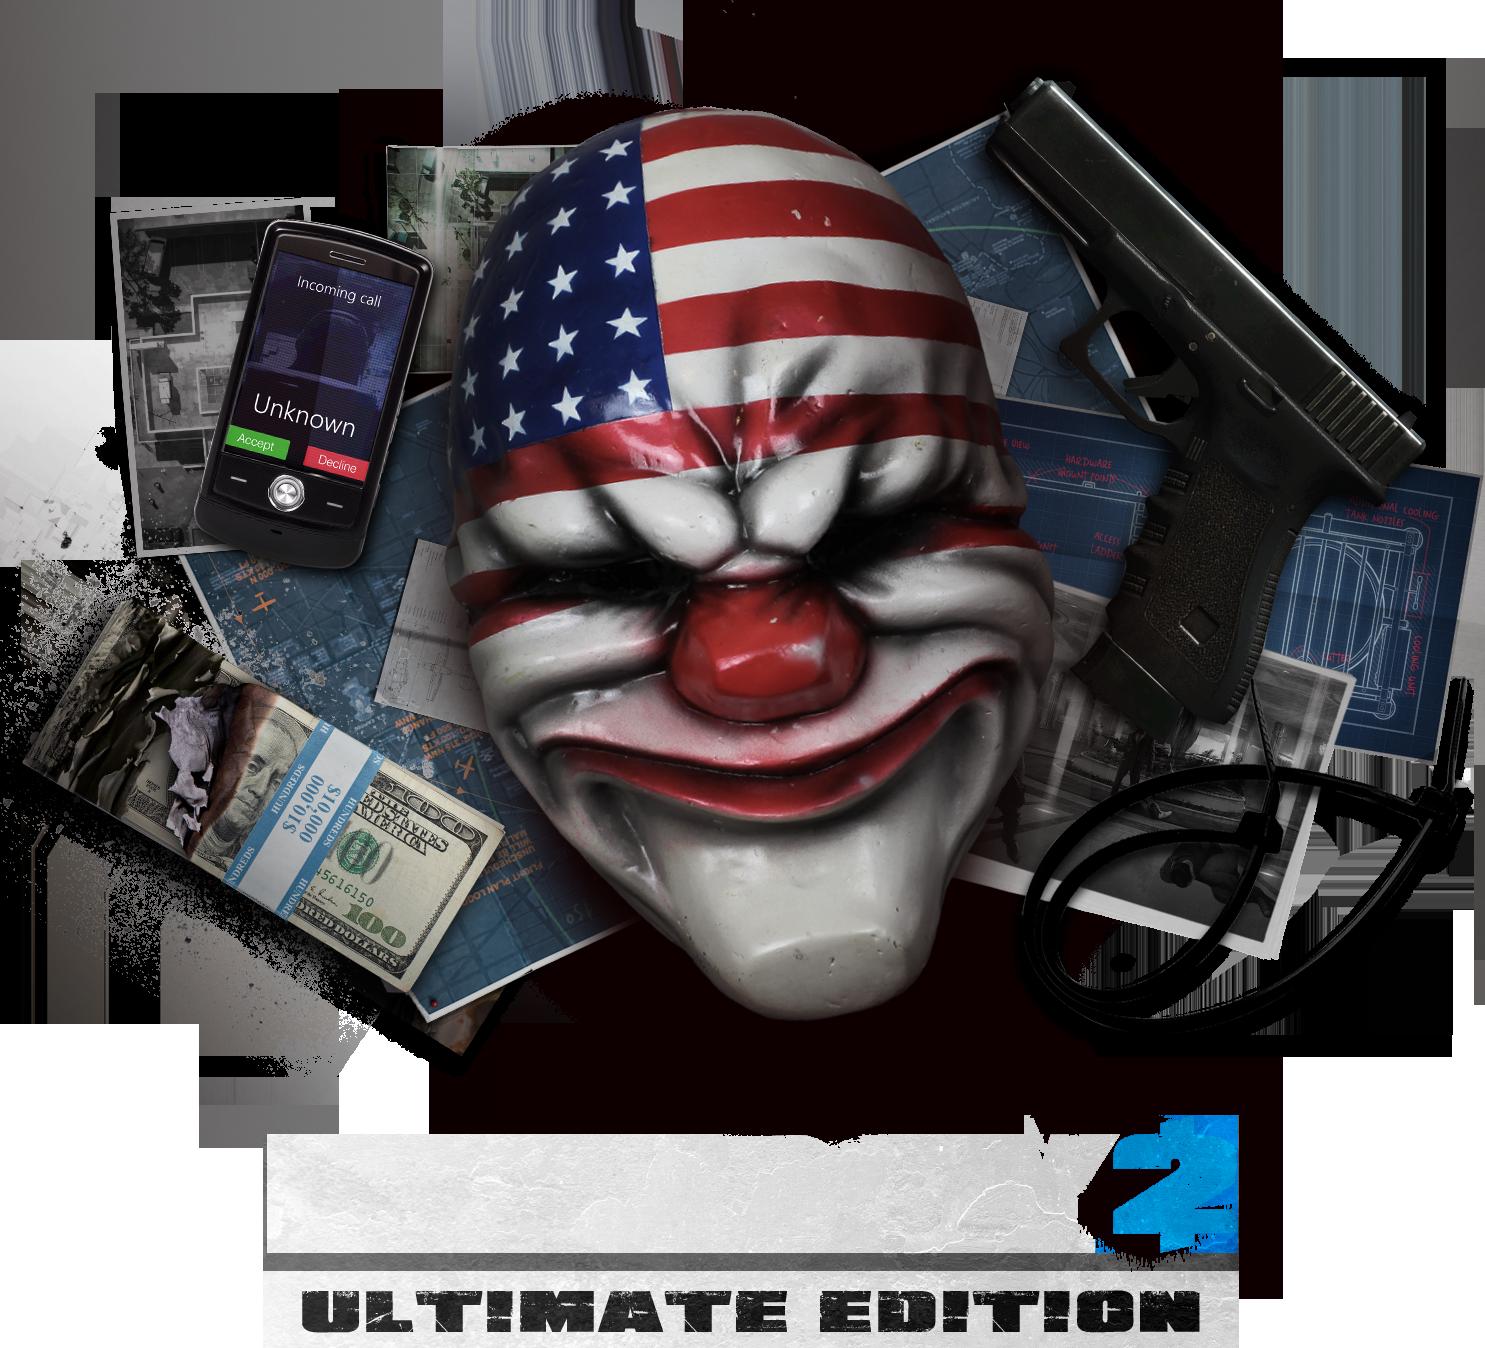 Через 2 дня все дополнения к Payday 2 исчезнут из продажи в steam.. - Изображение 1